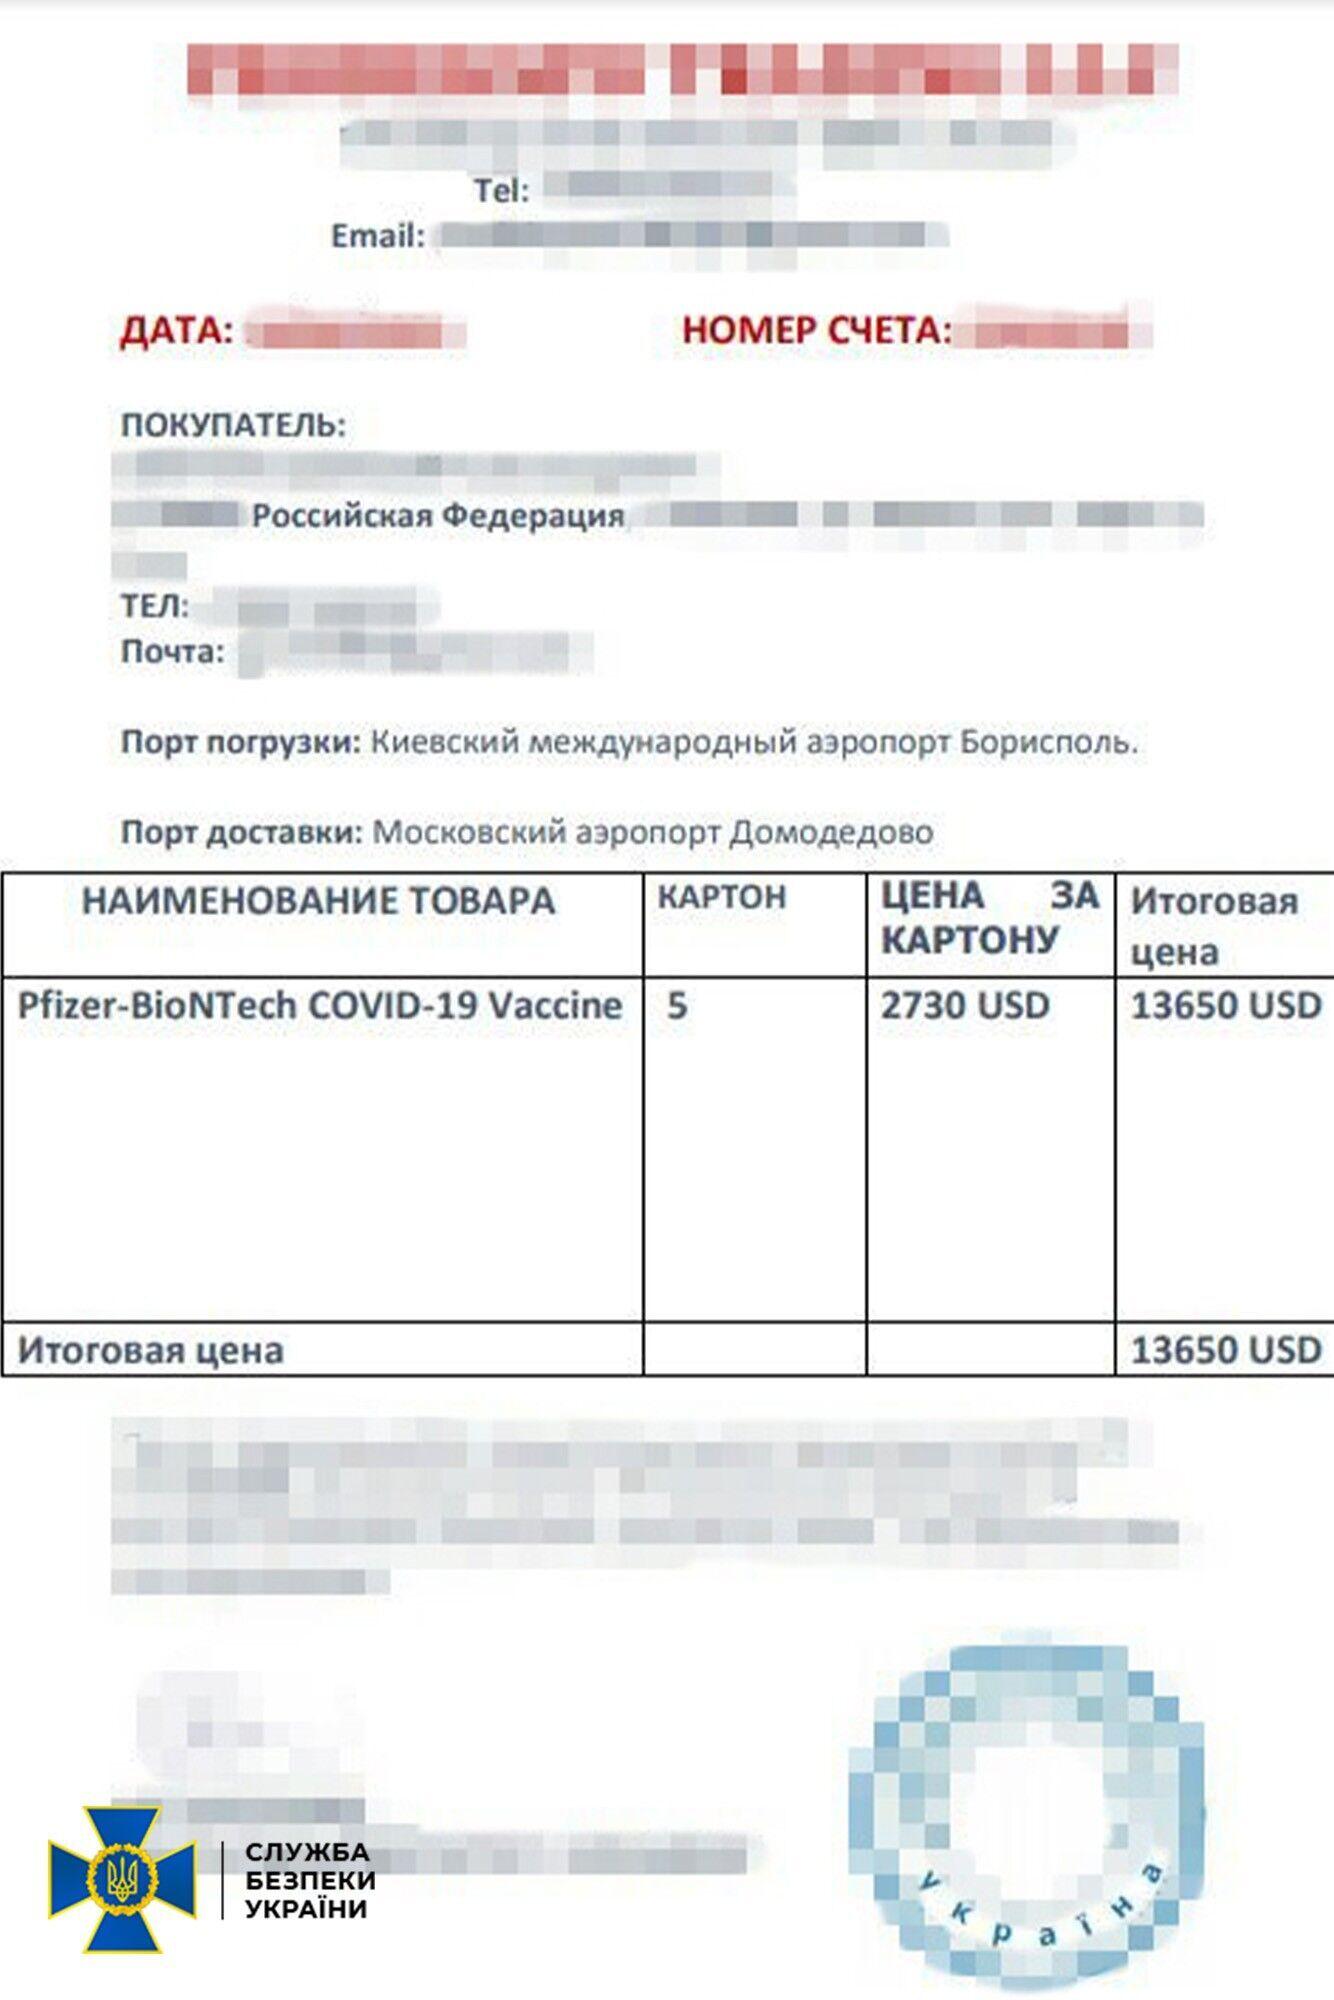 Підробні сертифікати банди, яка торгувала несправжніми вакцинами